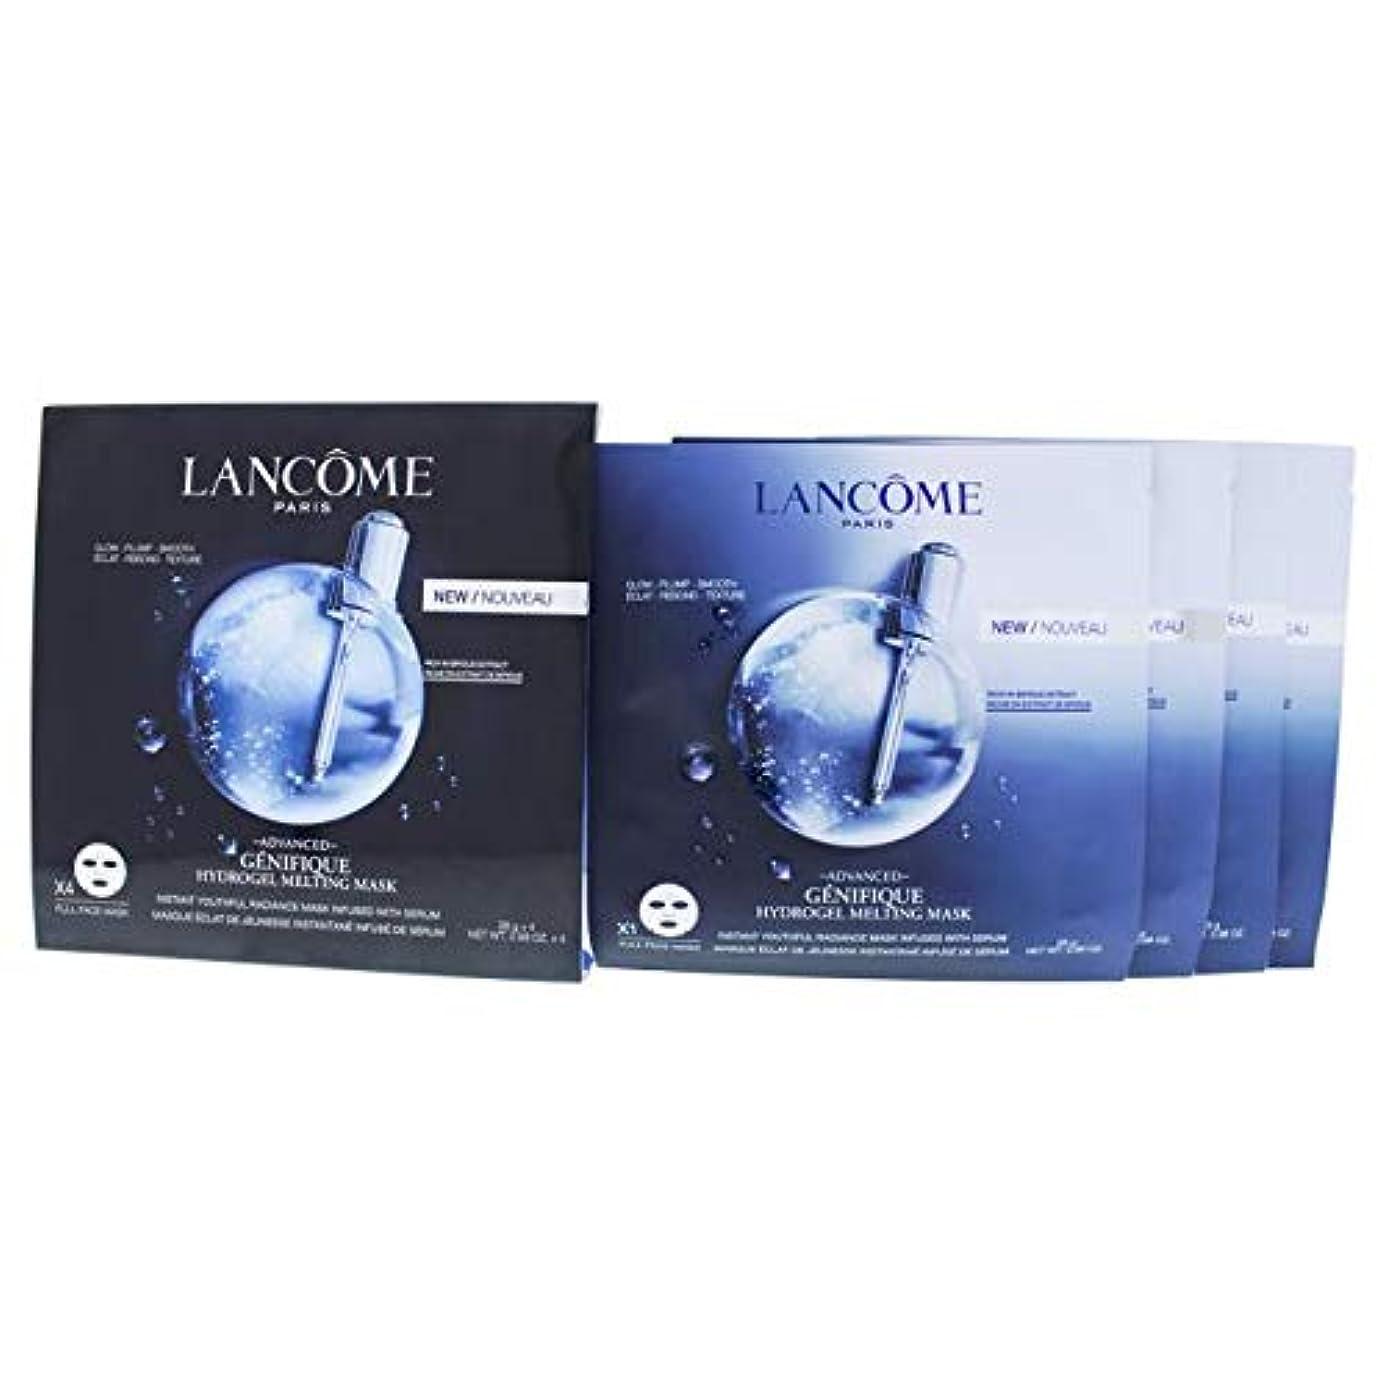 変色する対応衣類ランコム Genifique Advanced Hydrogel Melting Mask 4sheets並行輸入品